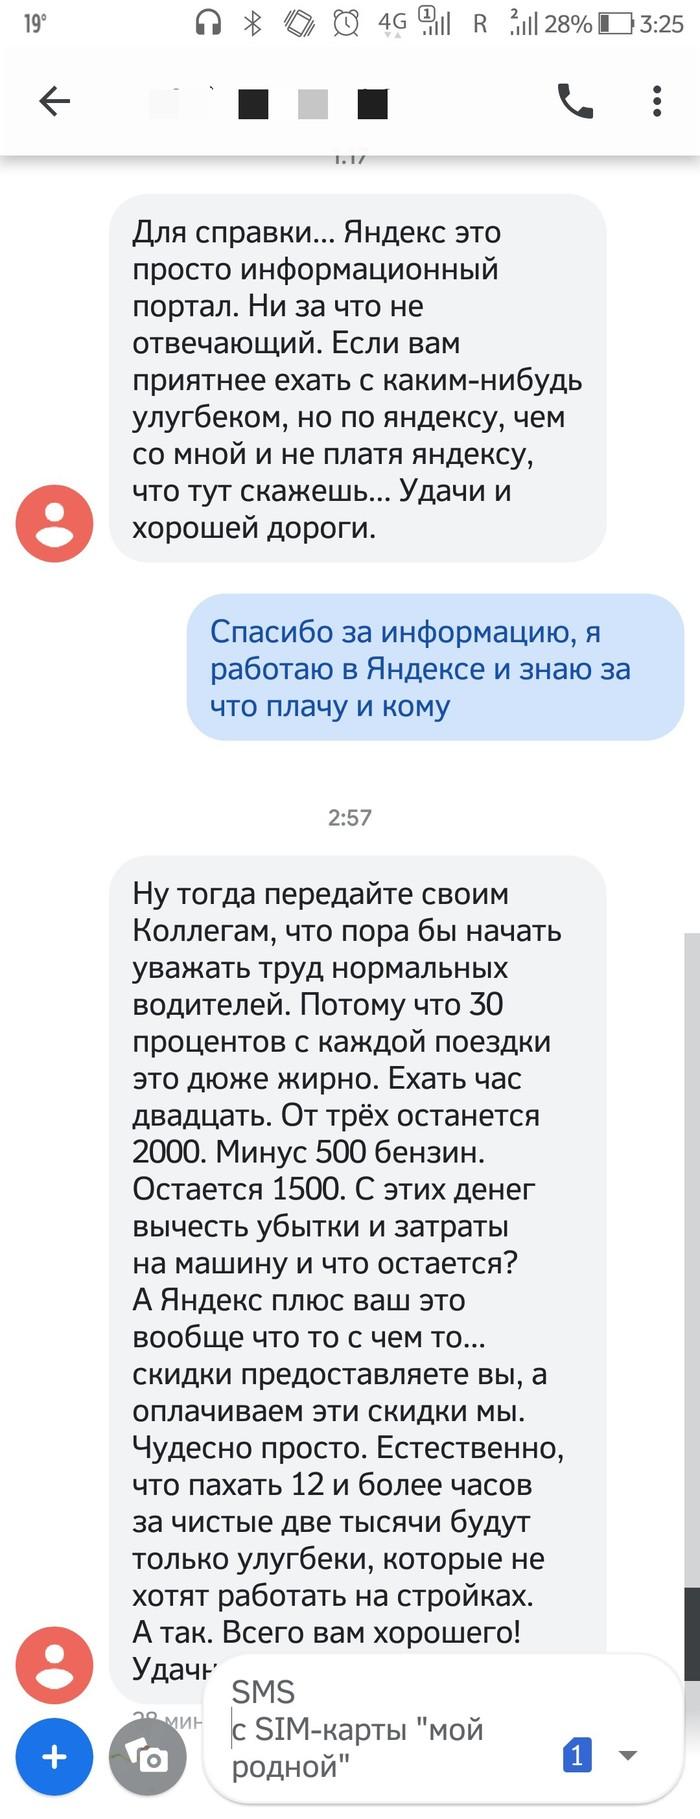 Яндекс, вам тут просили передать Такси, Яндекс такси, Москва, Таксист, Длиннопост